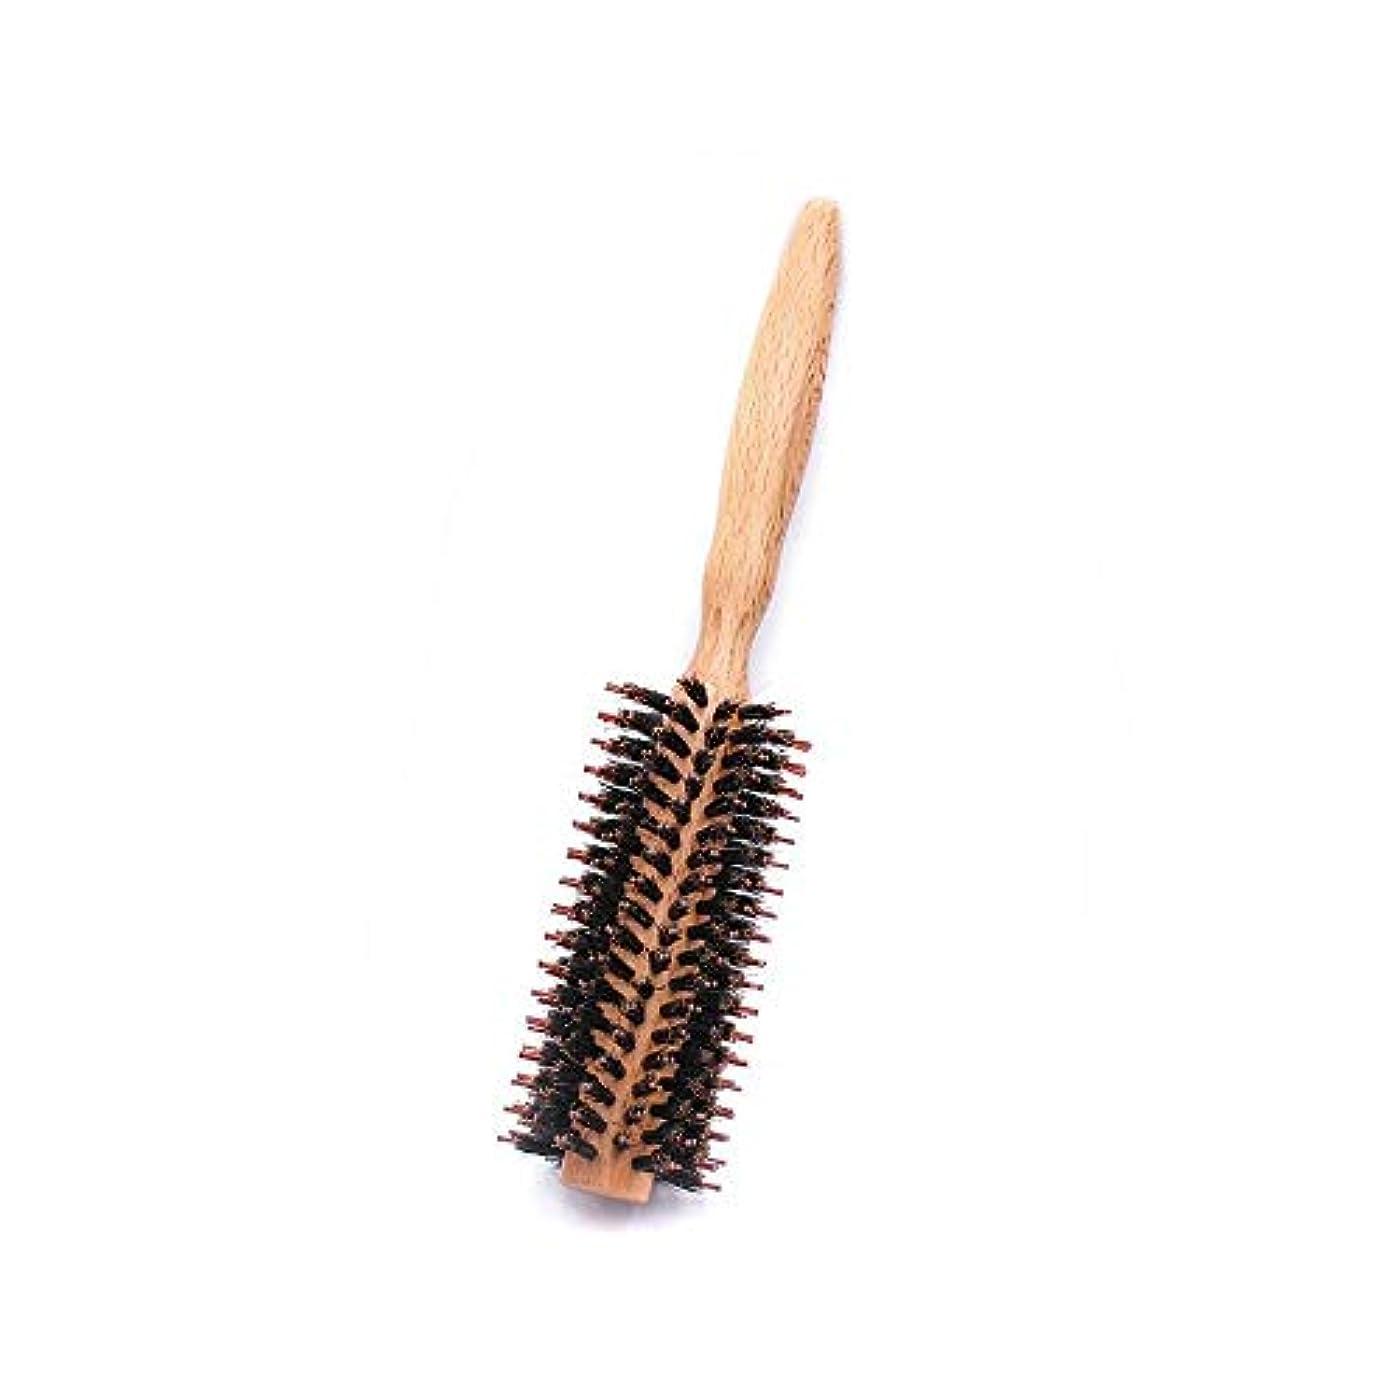 効率的不良品くるくるラウンドスタイリングヘアブラシ - ナチュラル木製ハンドルの櫛でドライヤー&カーリングロールヘアブラシフェラ ヘアケア (色 : M, サイズ : Straight)